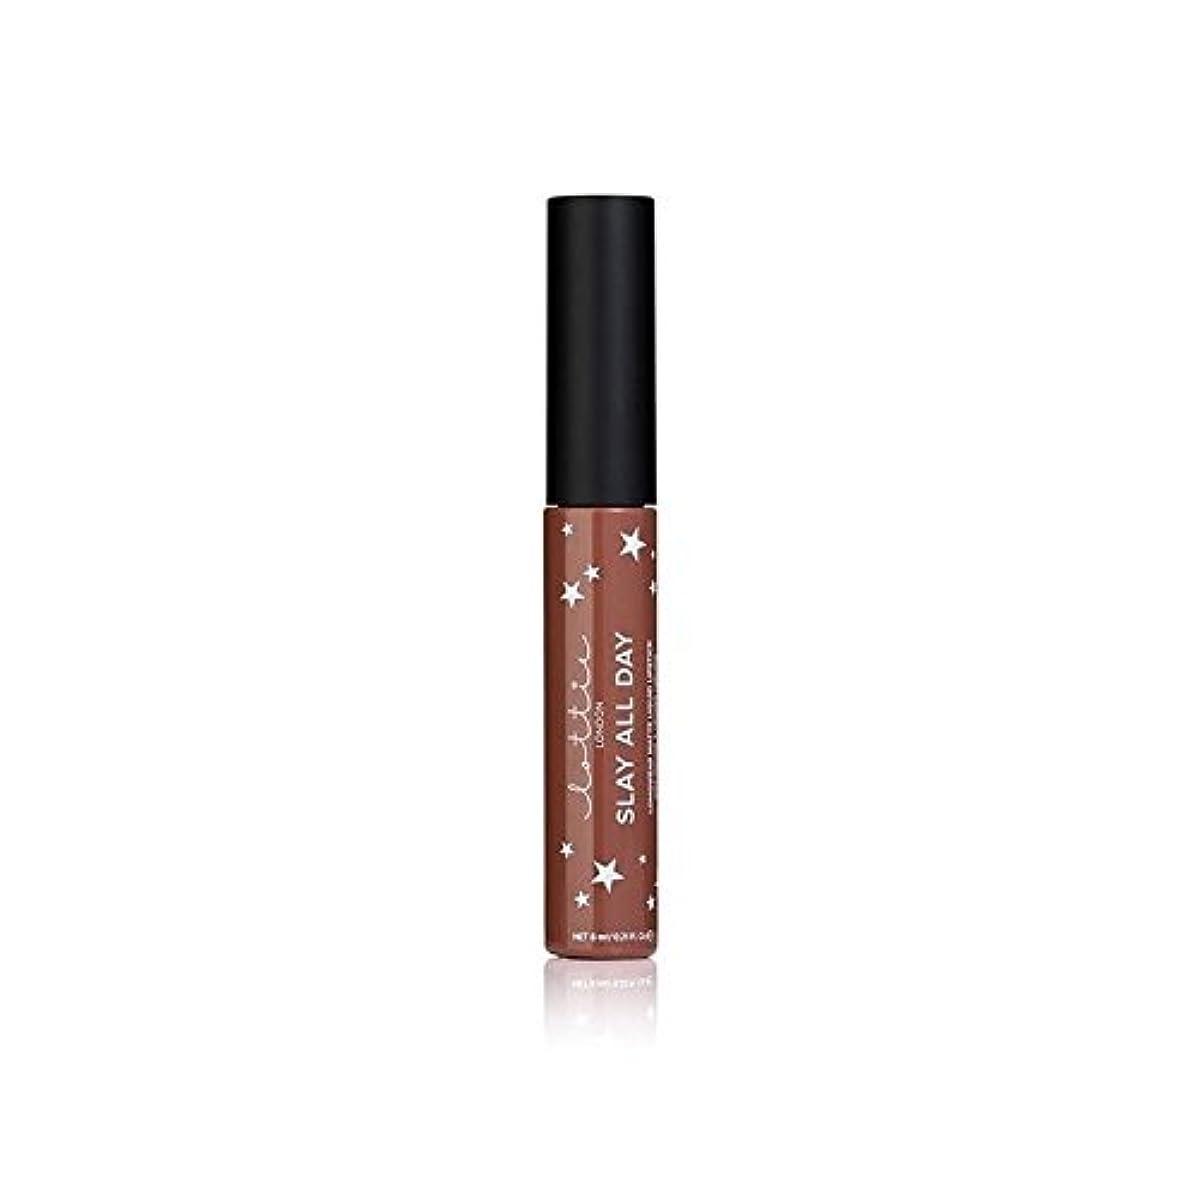 褒賞優雅回想Lottie London Matte Liquid Lipstick - Hey Bae (Pack of 6) - ロンドンマット液状口紅 - ちょっとペ x6 [並行輸入品]